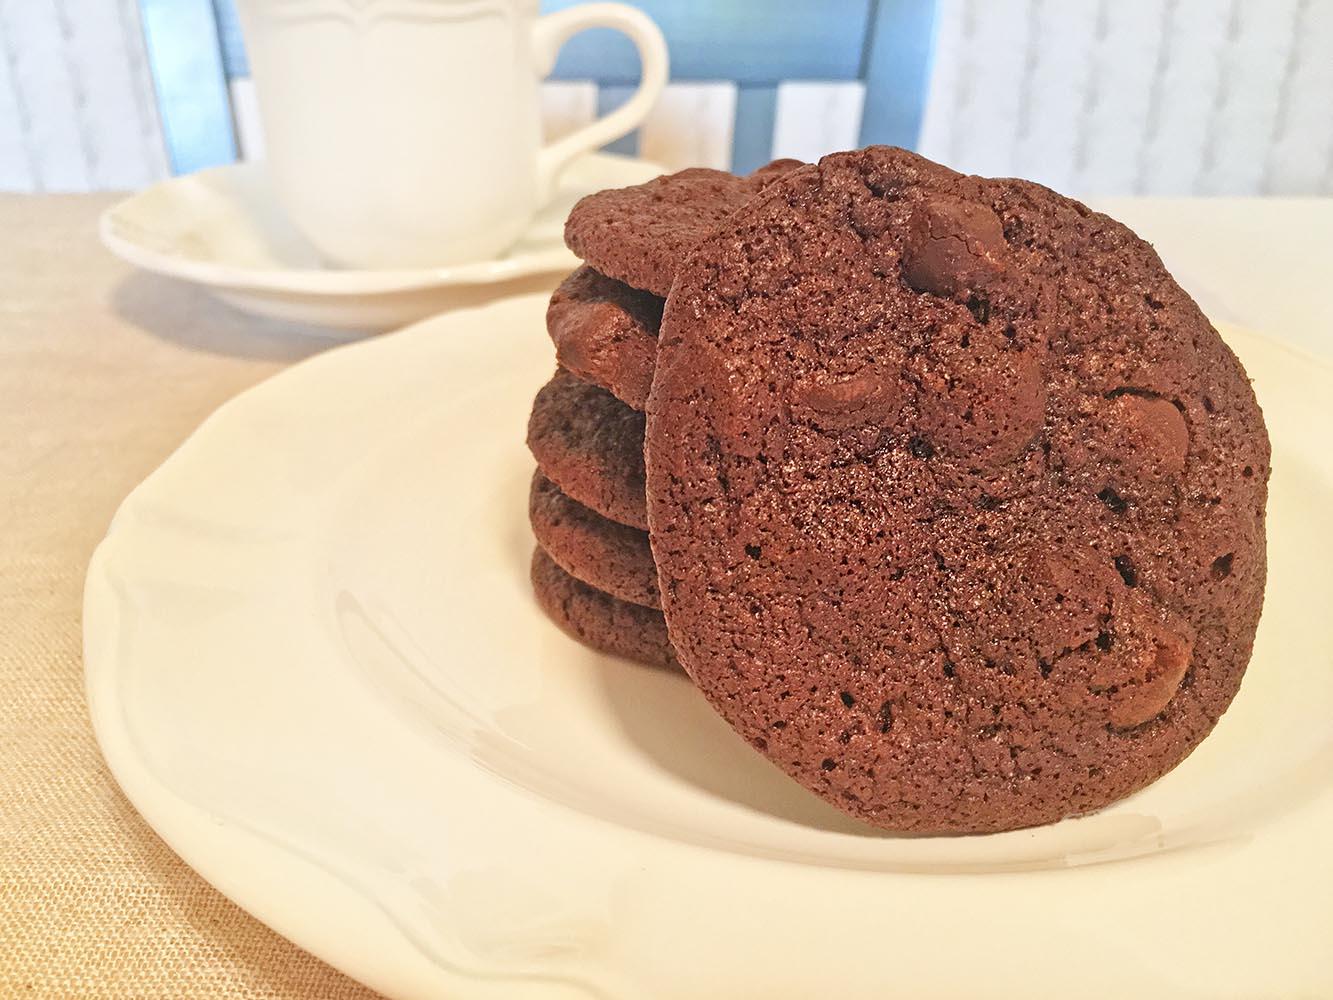 Tate S Dark Chocolate Chip Cookies